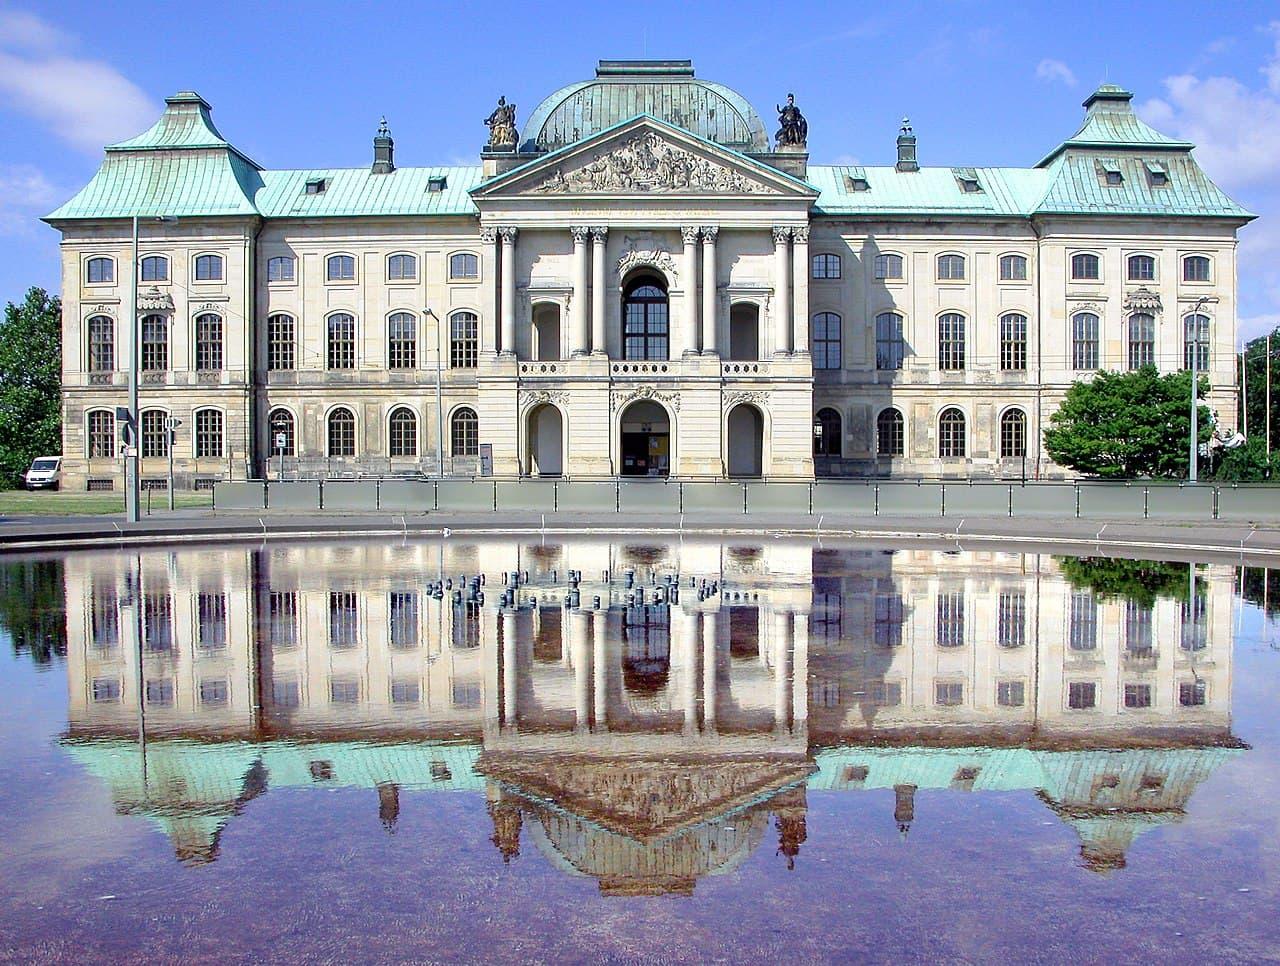 Japanisches Palais vom Palaisplatz aus gesehen ohne Fontaine